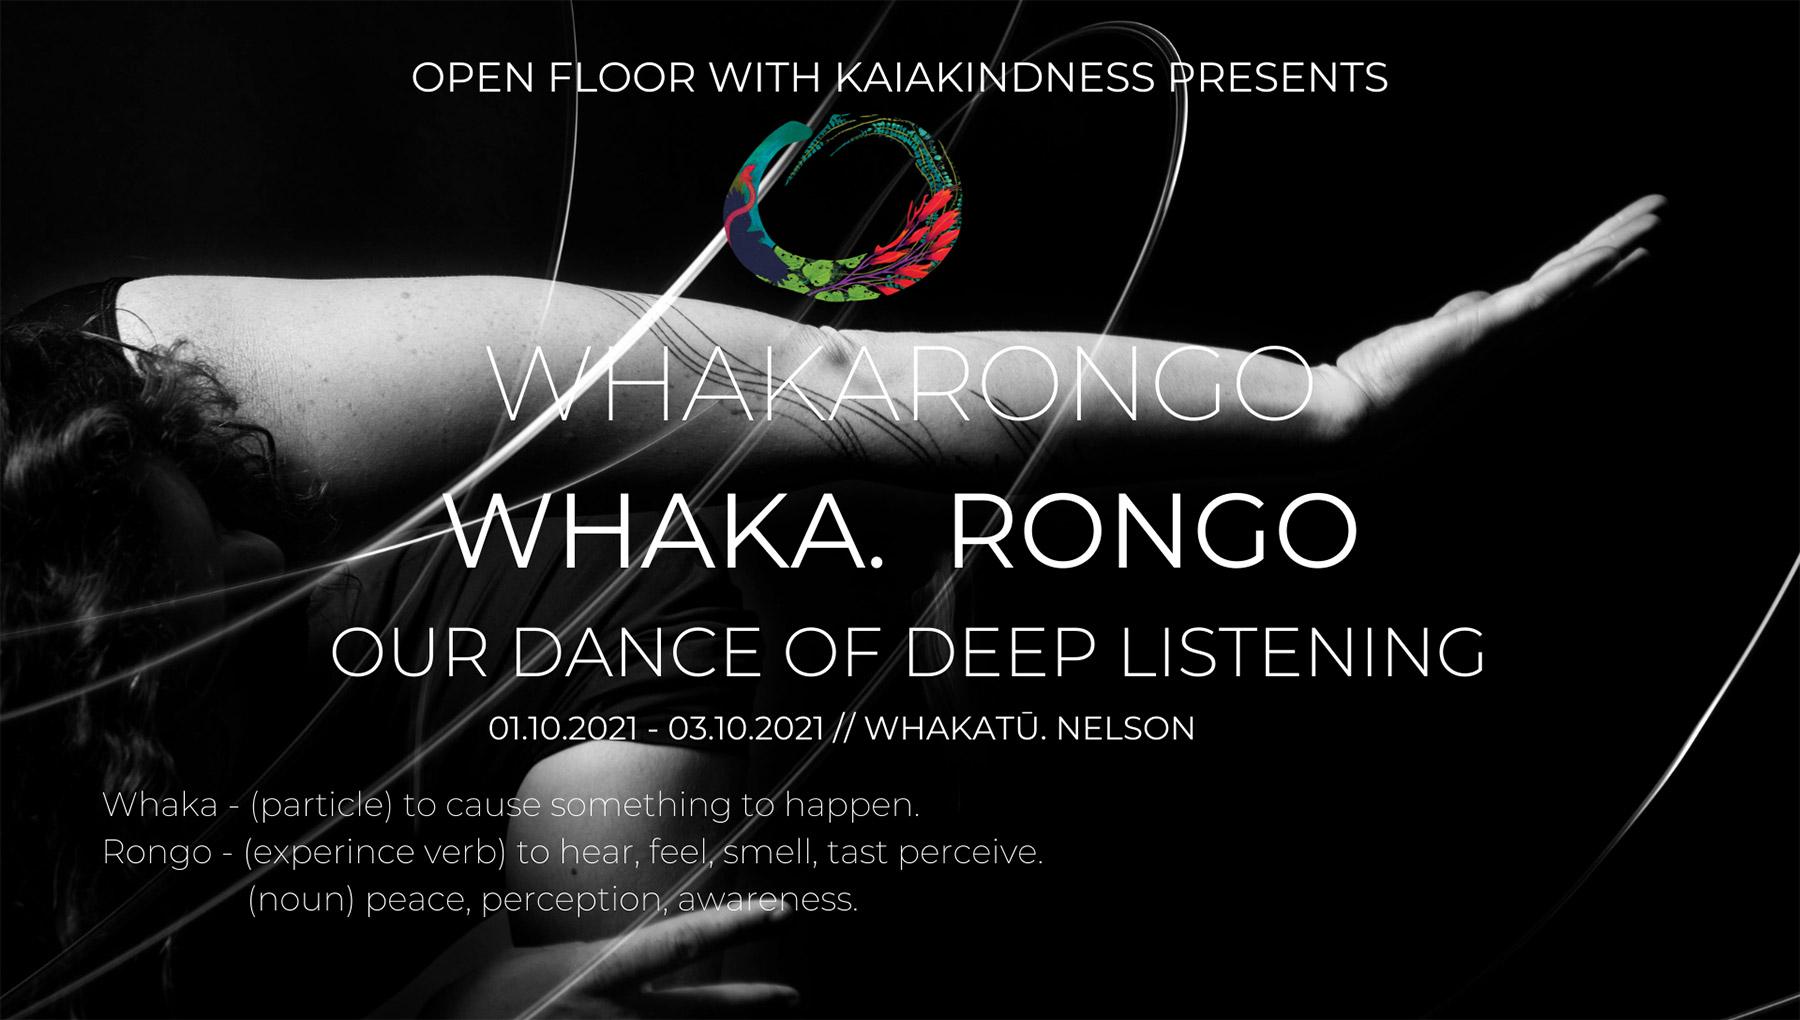 Whakarongo flyer